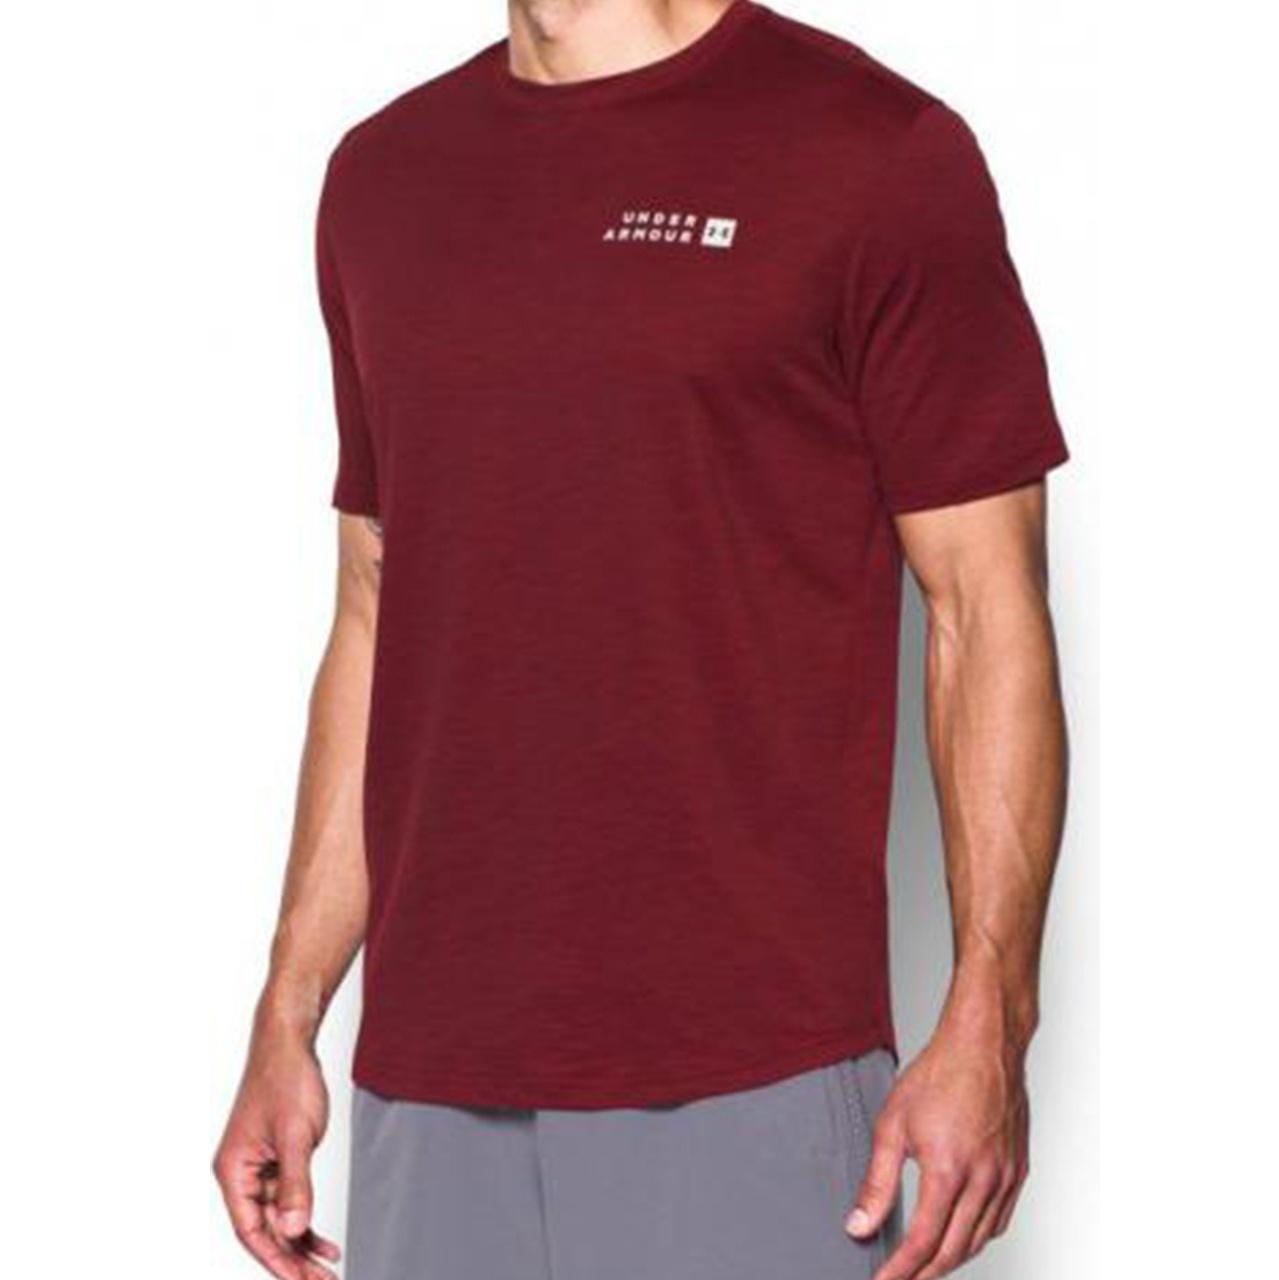 تیشرت ورزشی مردانه آندرآرمور مدل Sportstyle Core Tee - آندر آرمور